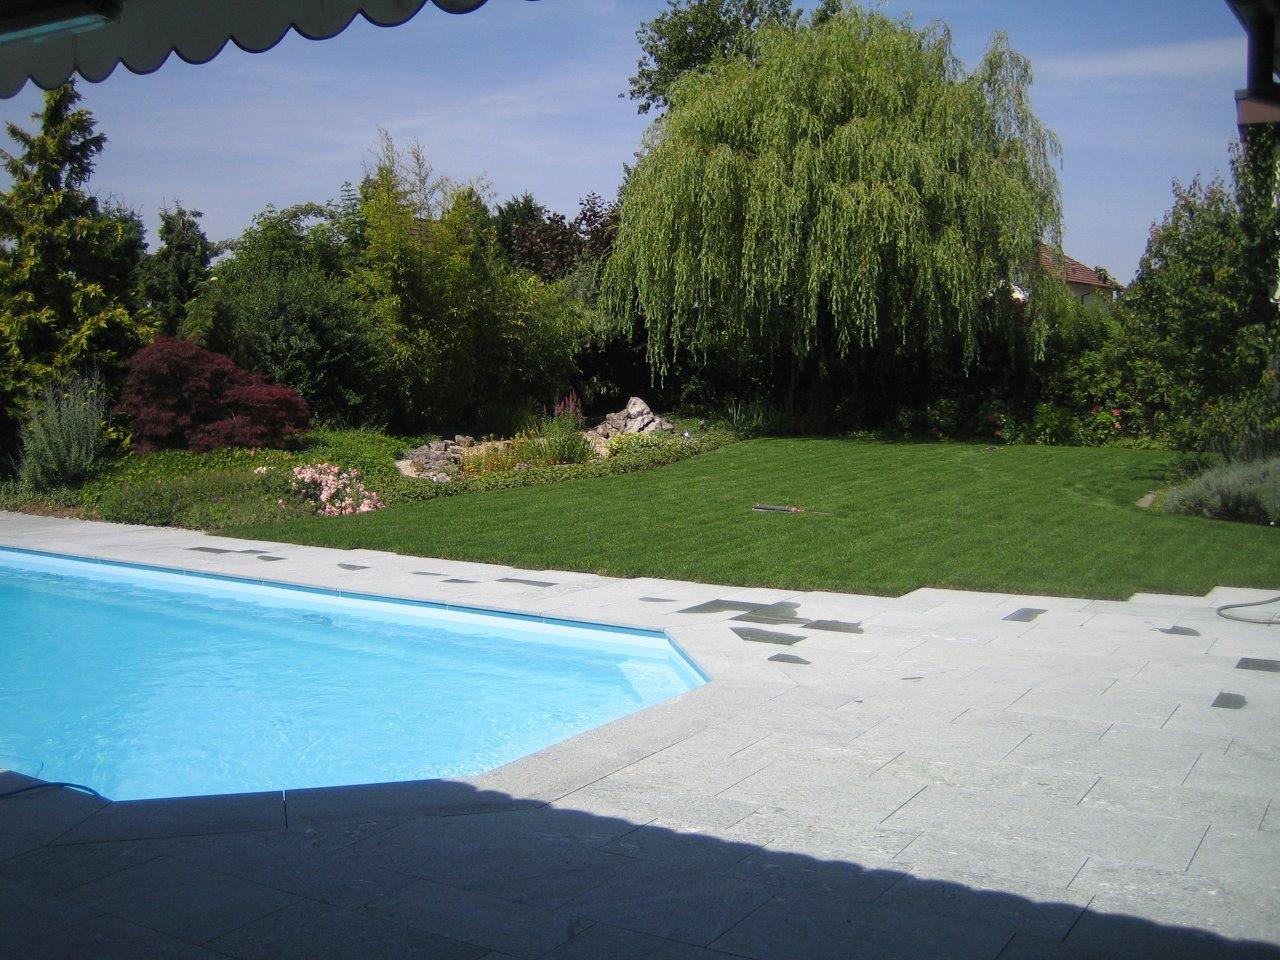 Gartenanlage mit Pool und Andeer-Natursteinplatten